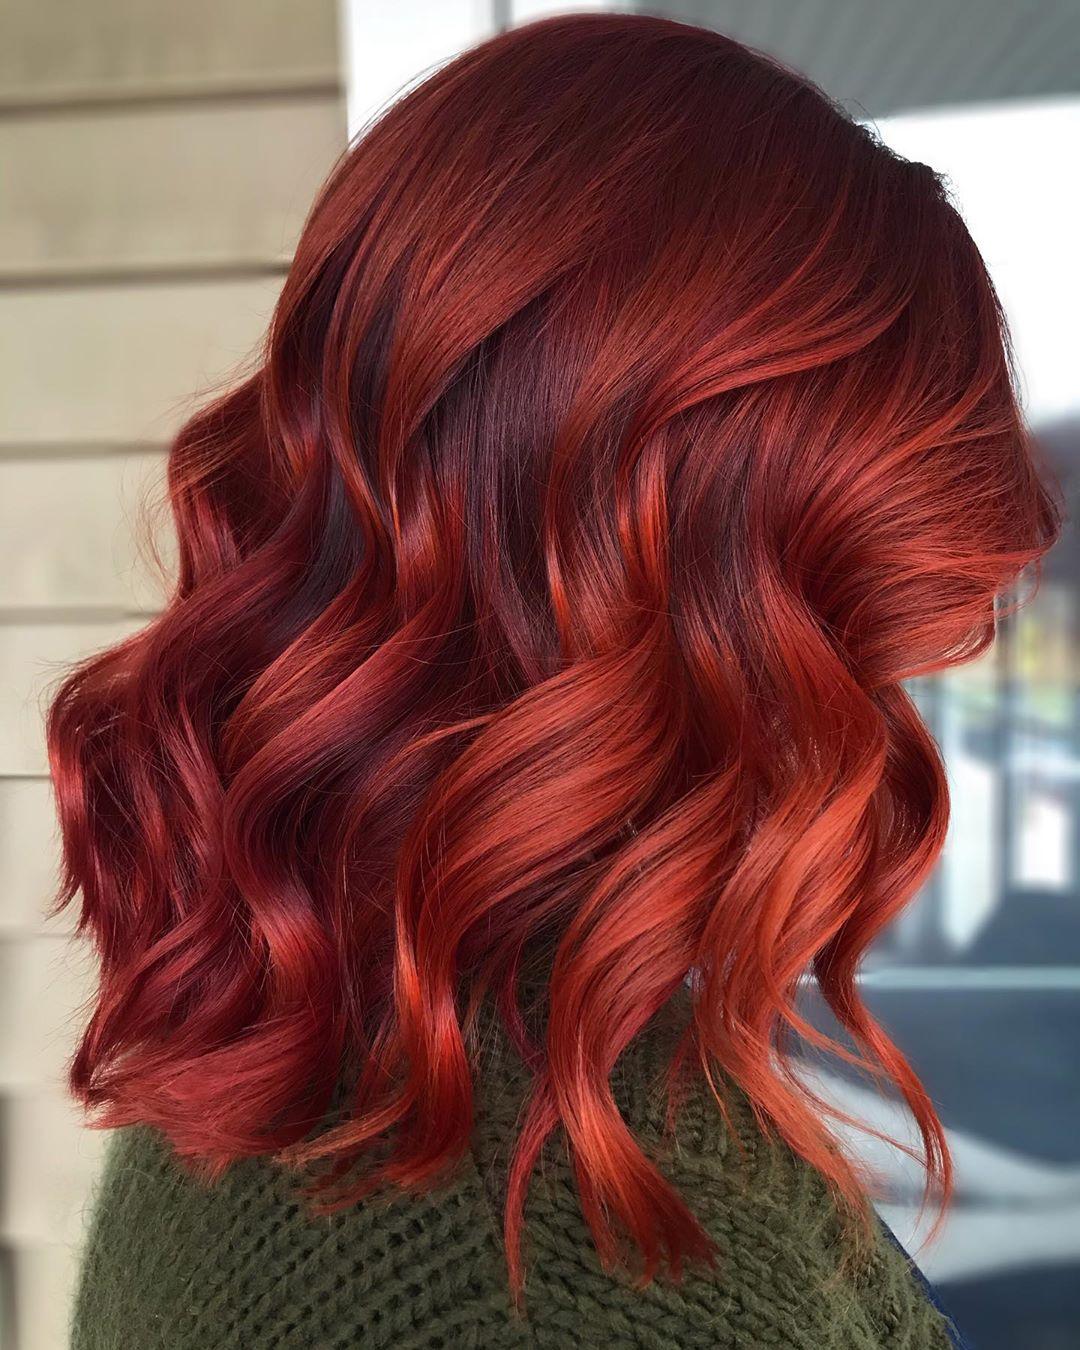 50 Dainty Auburn Hair Ideas To Inspire